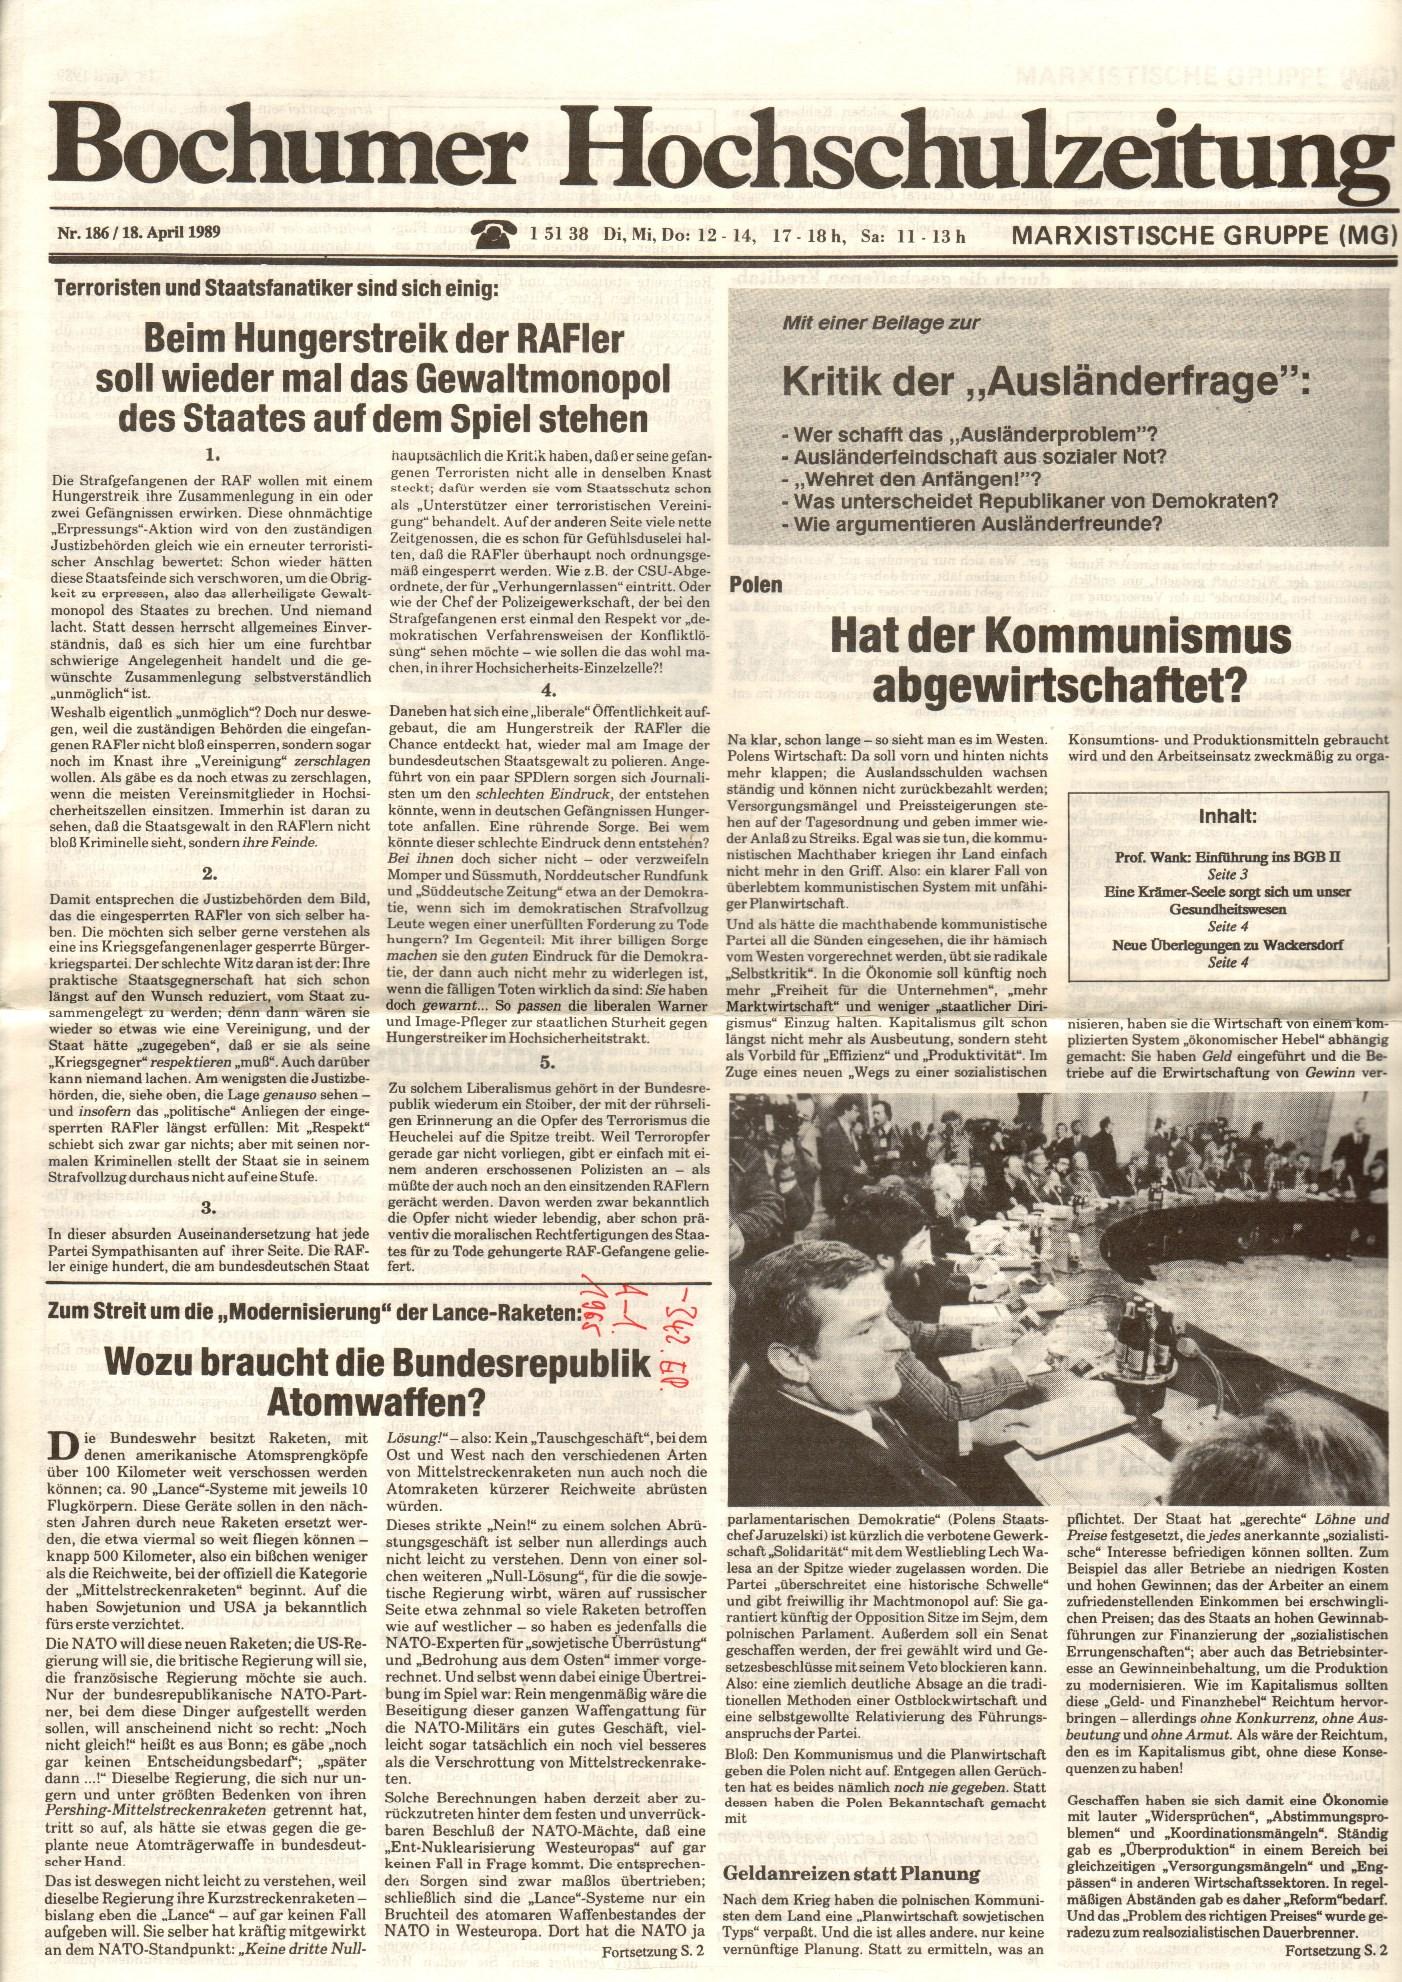 MG_Bochumer_Hochschulzeitung_19890418_01